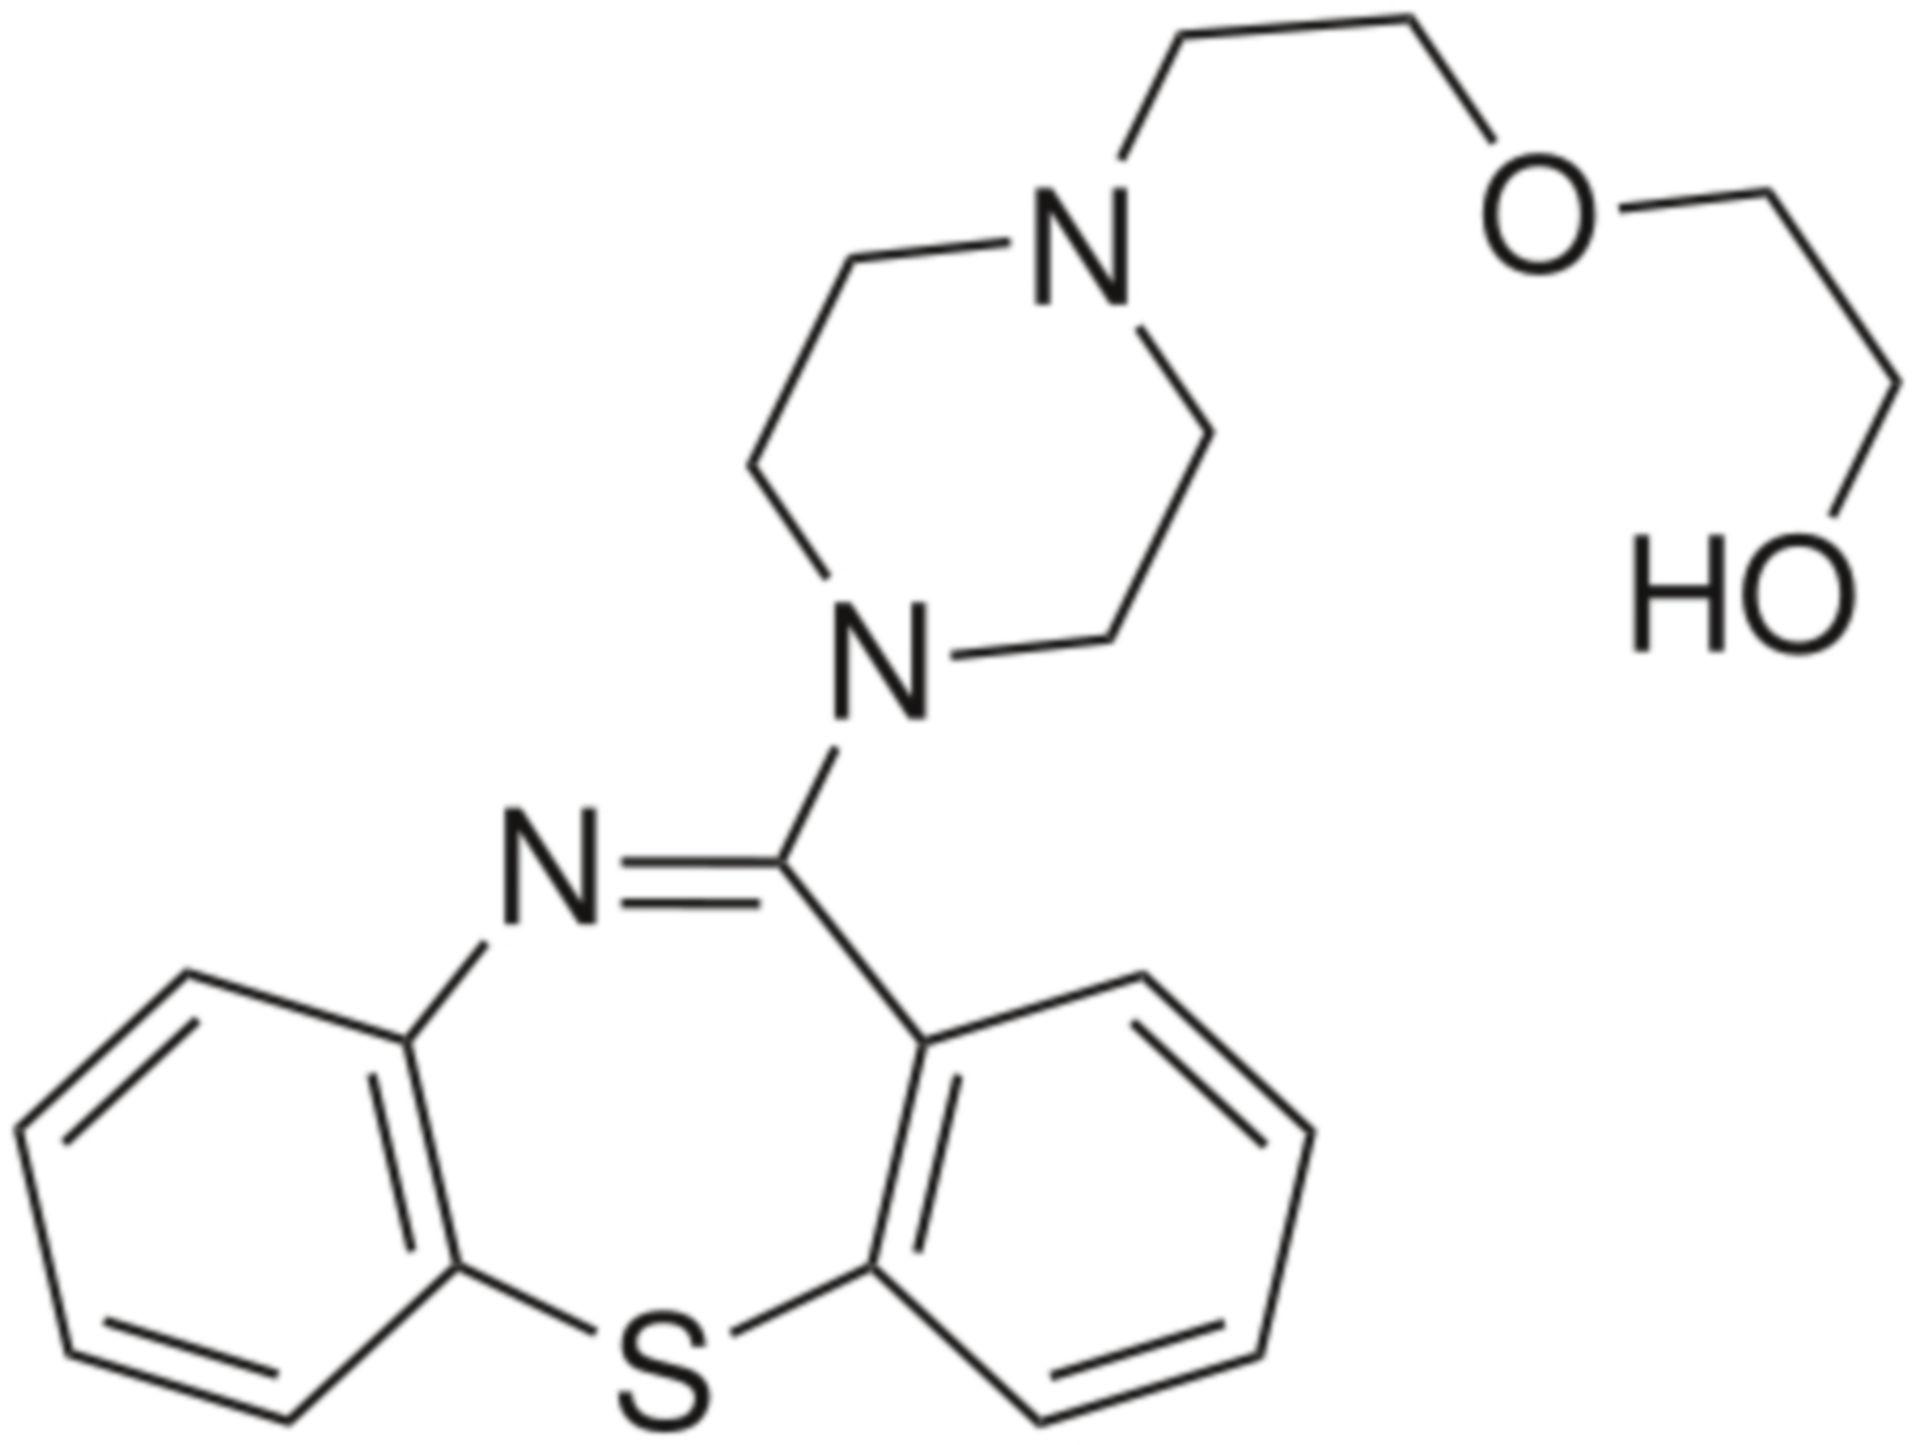 Quetiapine Strukturformel